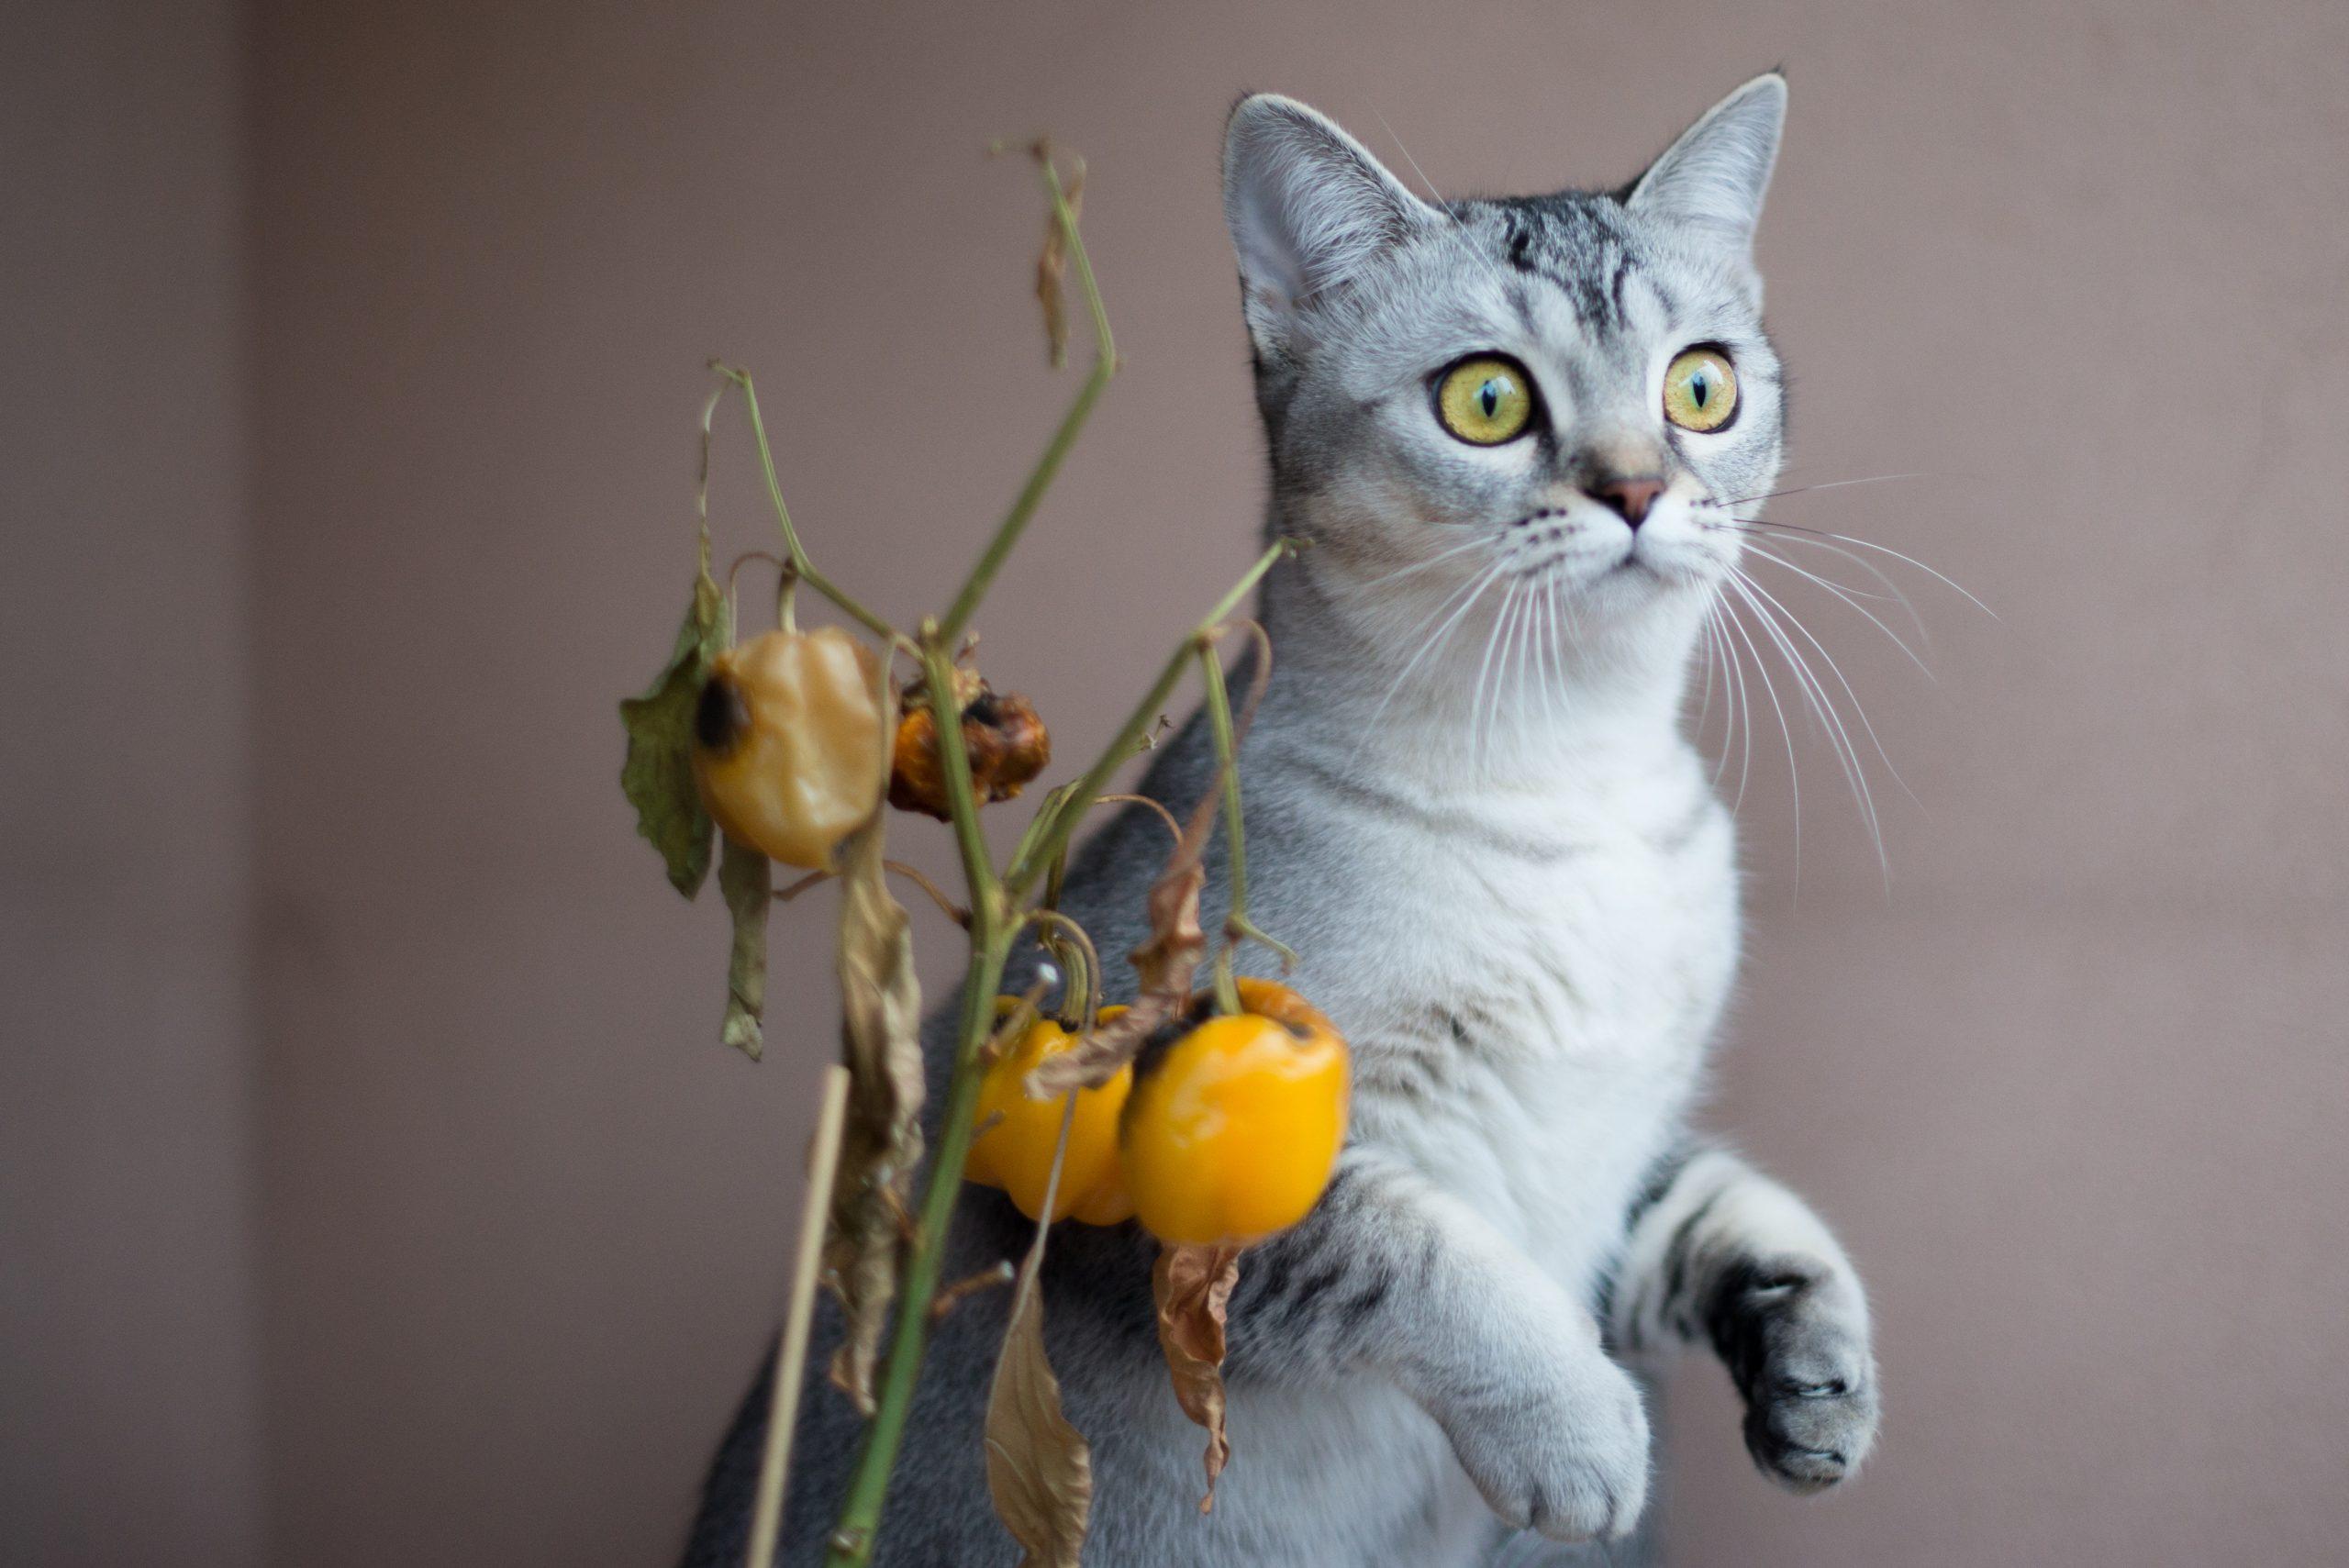 Los gatos son muy inteligentes